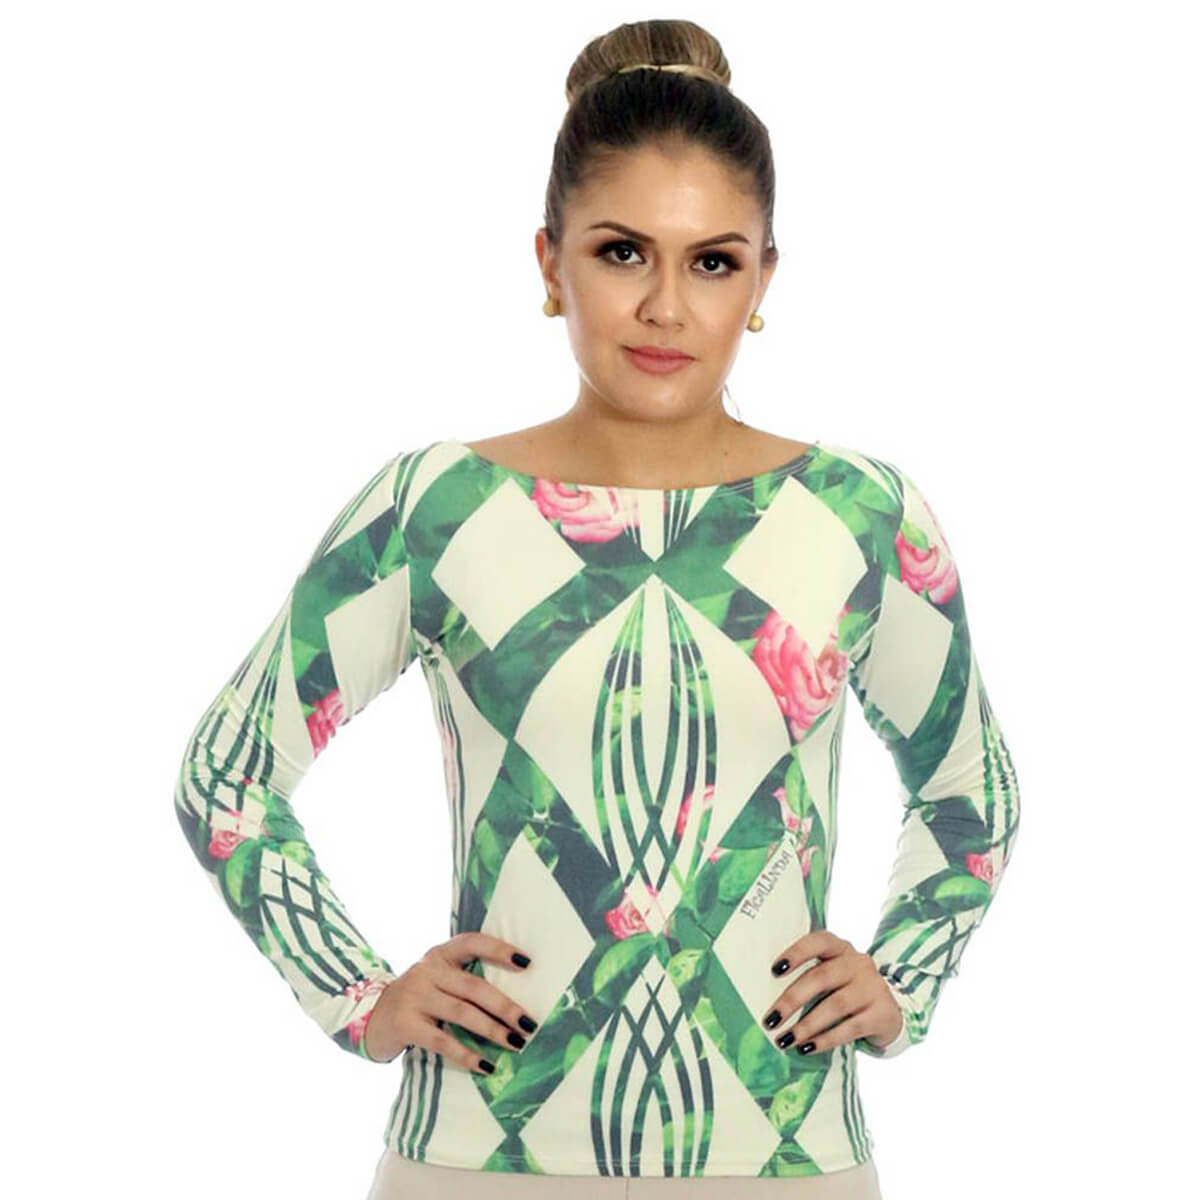 Blusa Feminina com Proteção Solar UV Estampa Geométrica Exclusiva Verde com Flores Decote Canoa